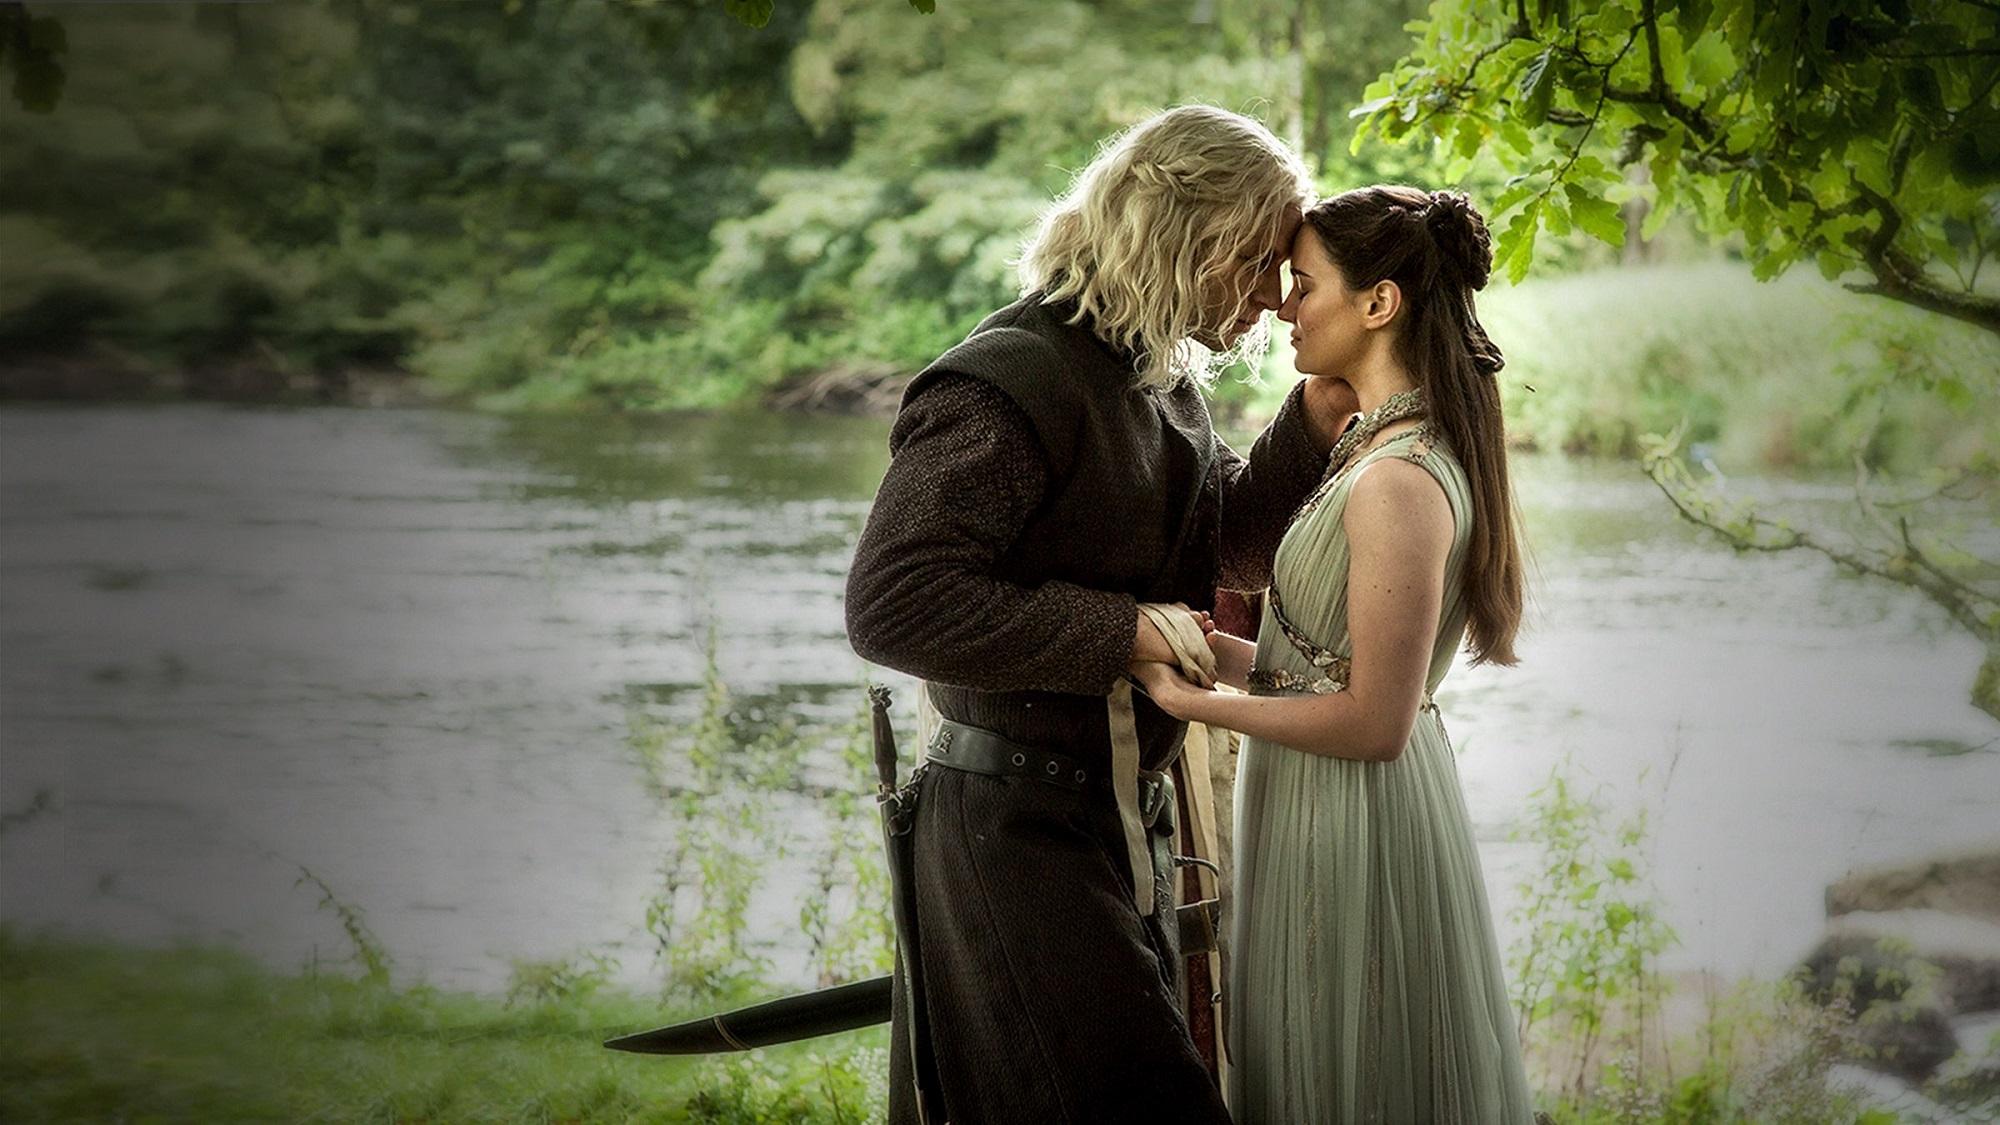 Rhaegar and Lyanna wedding